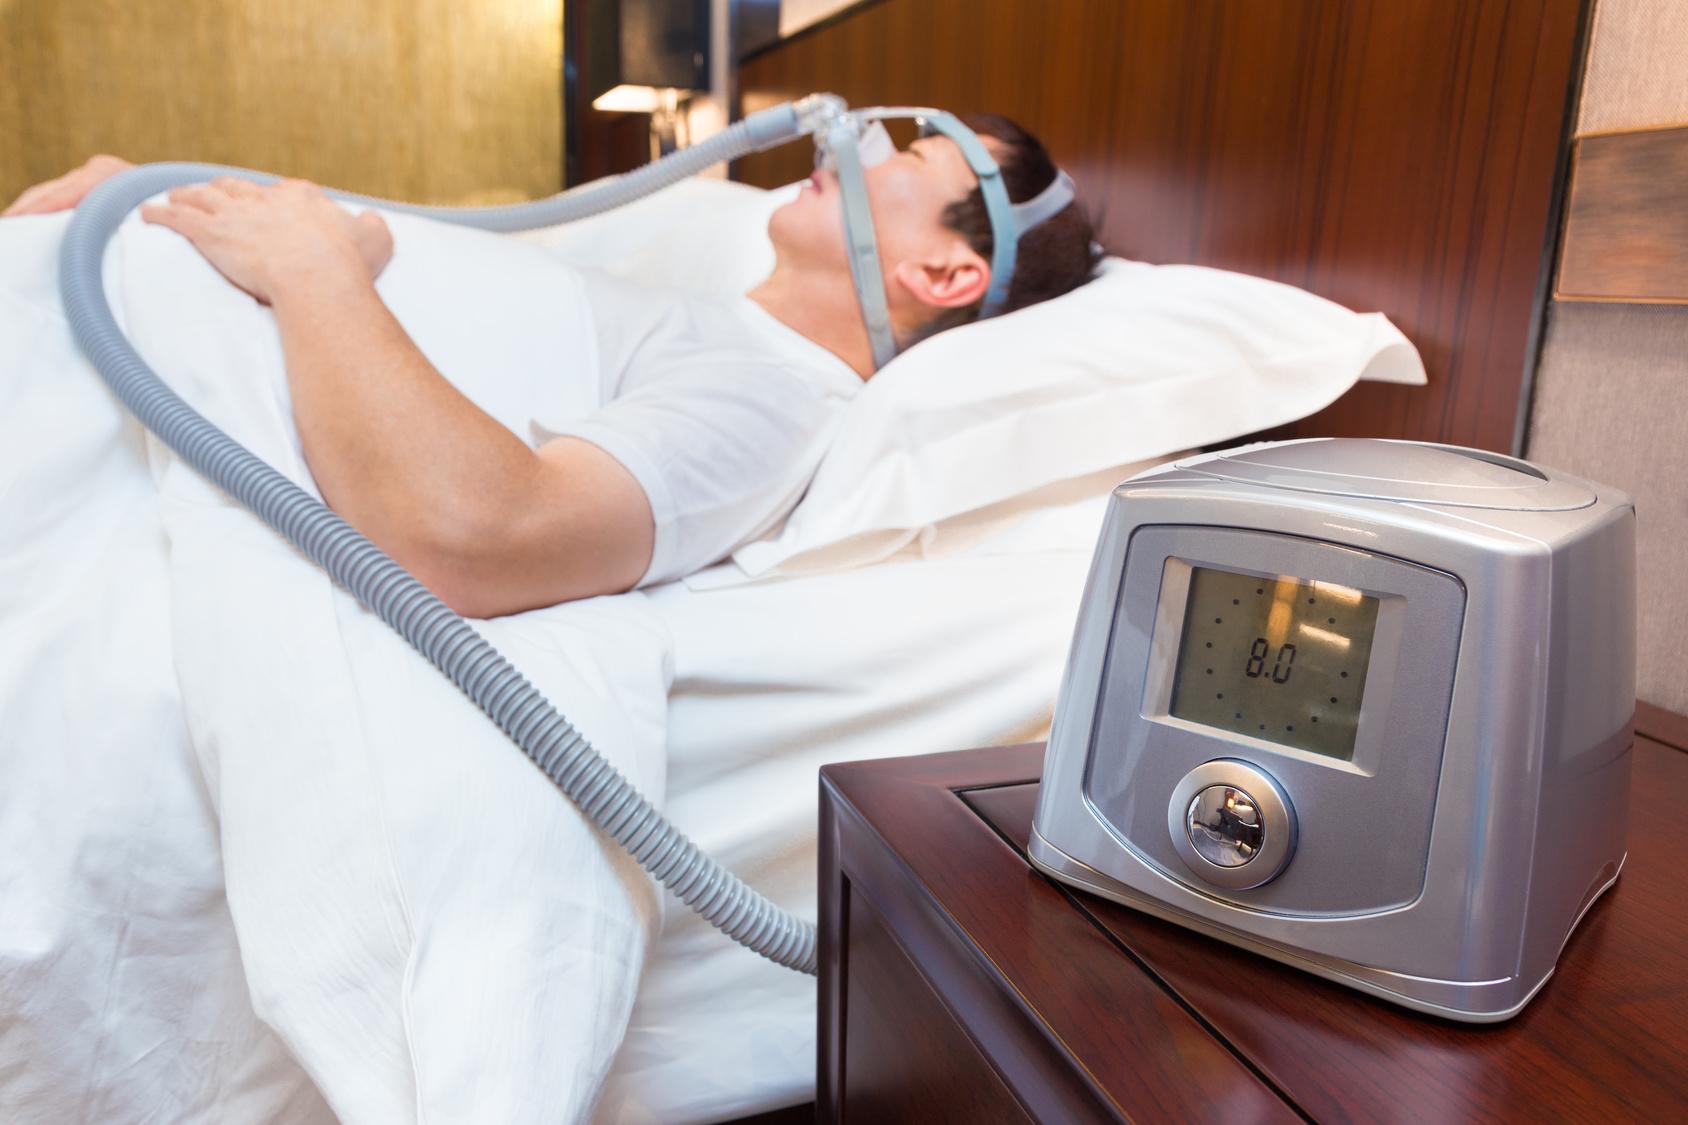 С помощью СРАР-аппарата воздух под давлением поступает в верхние дыхательные пути